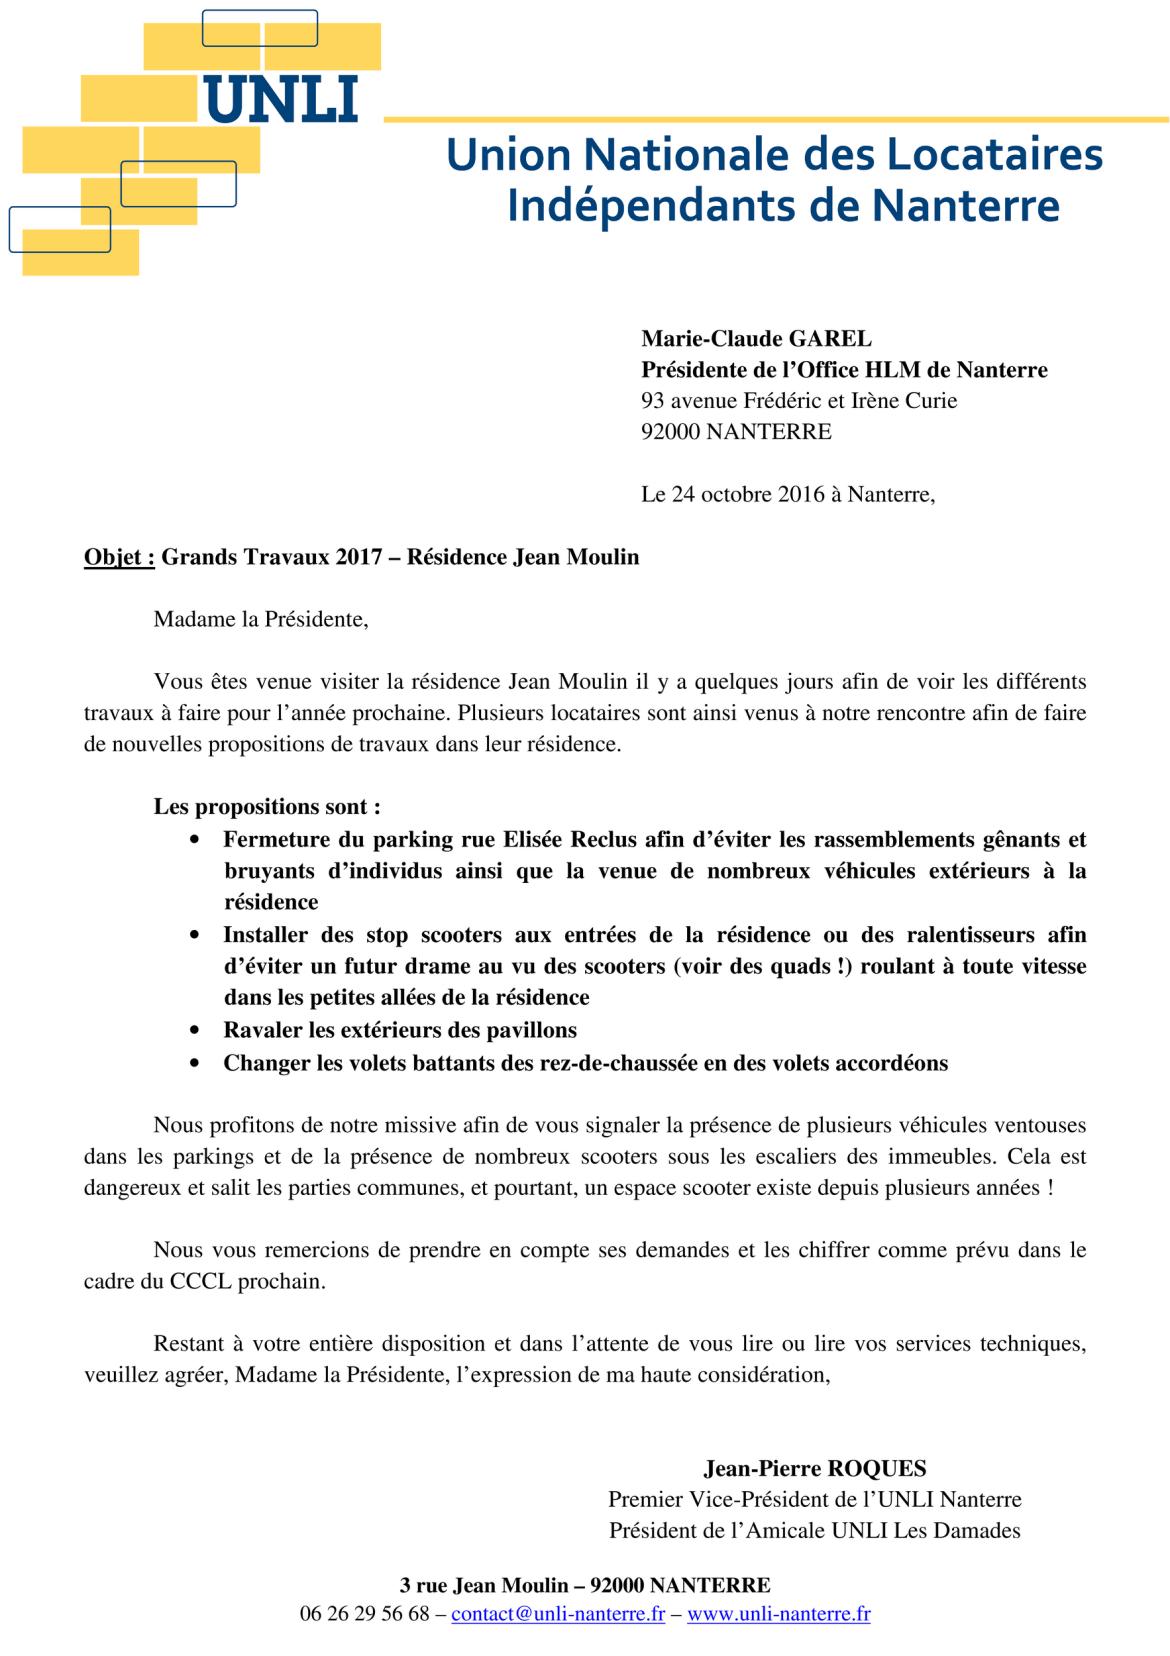 16-190-travaux-jean-moulin-lettre